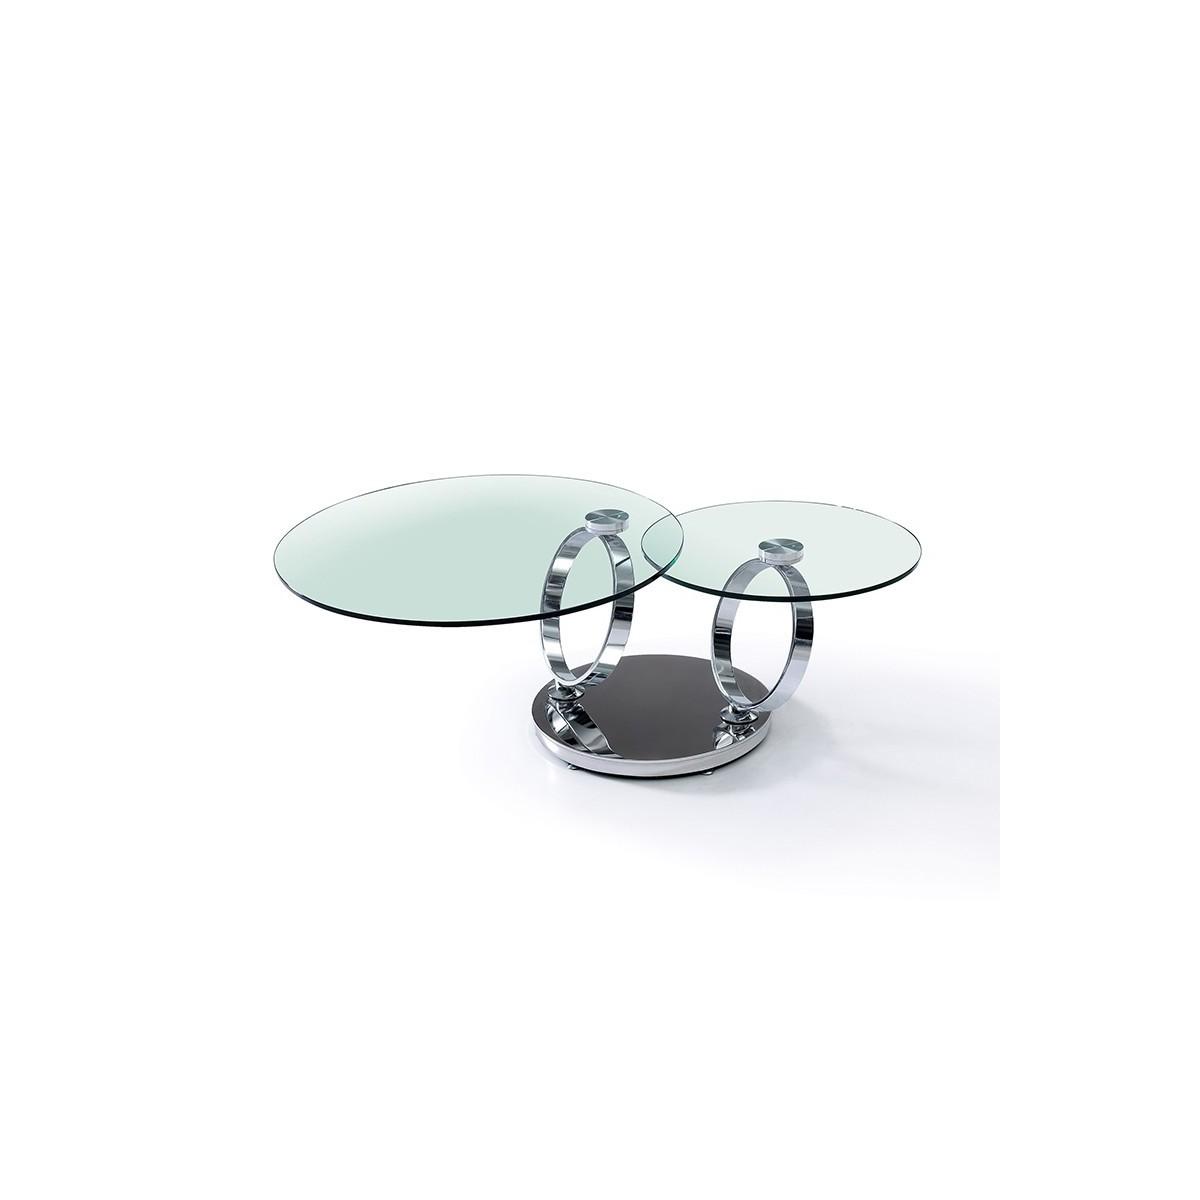 Table Basse Evolutive plateaux verre Transparent